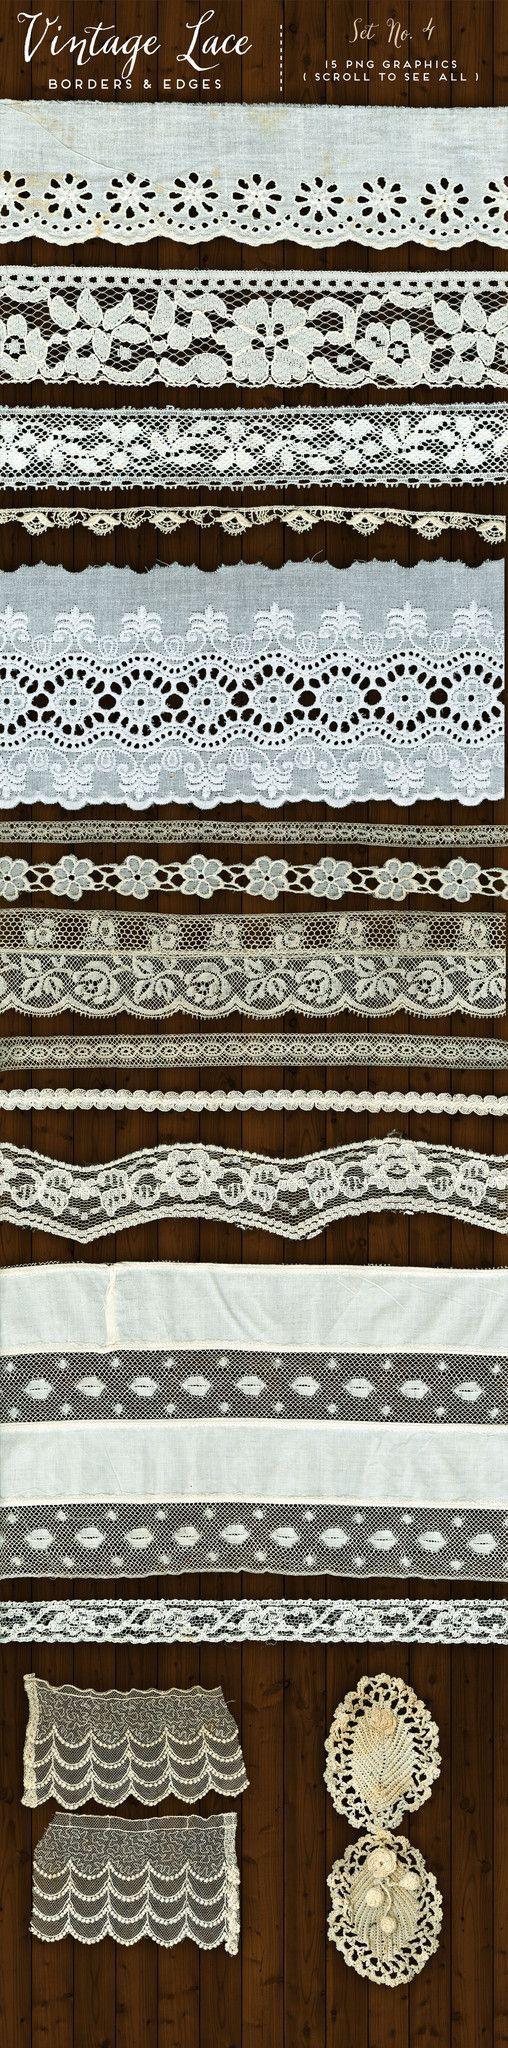 Scrapbook ideas no pictures - Vintage Lace Borders Edges No 4 Avalon Rose Design